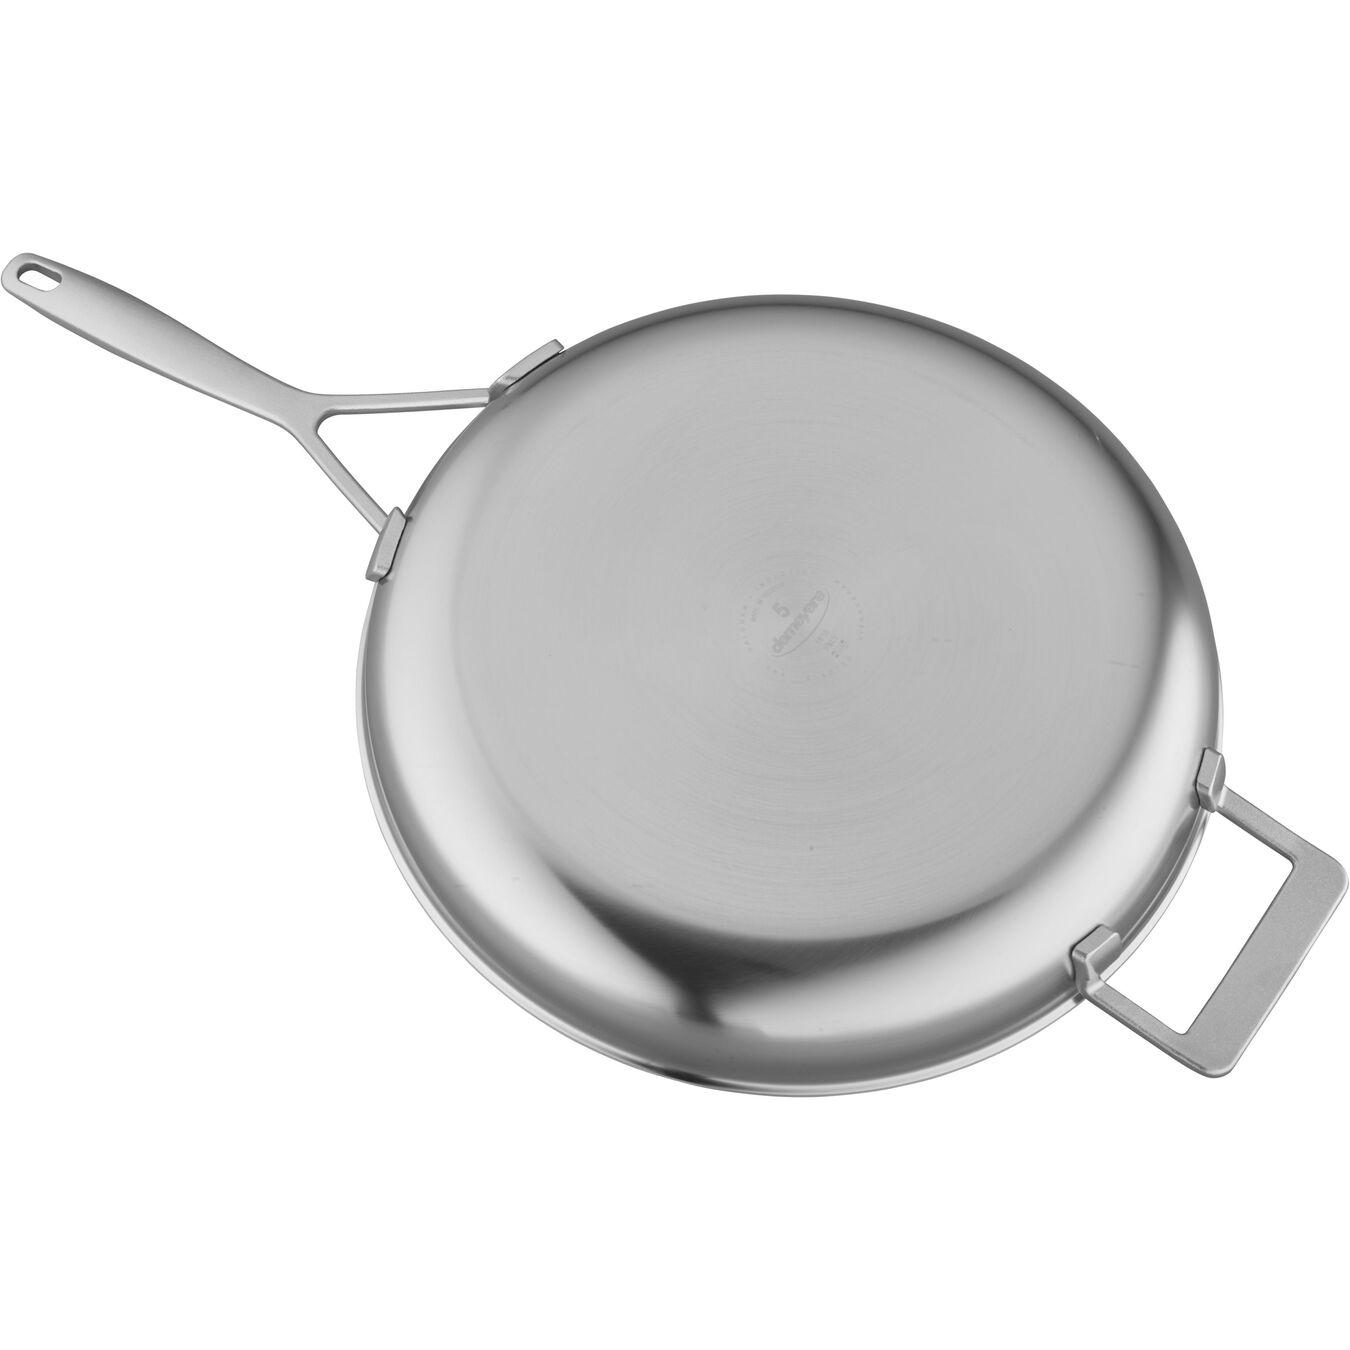 Poêle 32 cm, Inox 18/10, Argent,,large 2